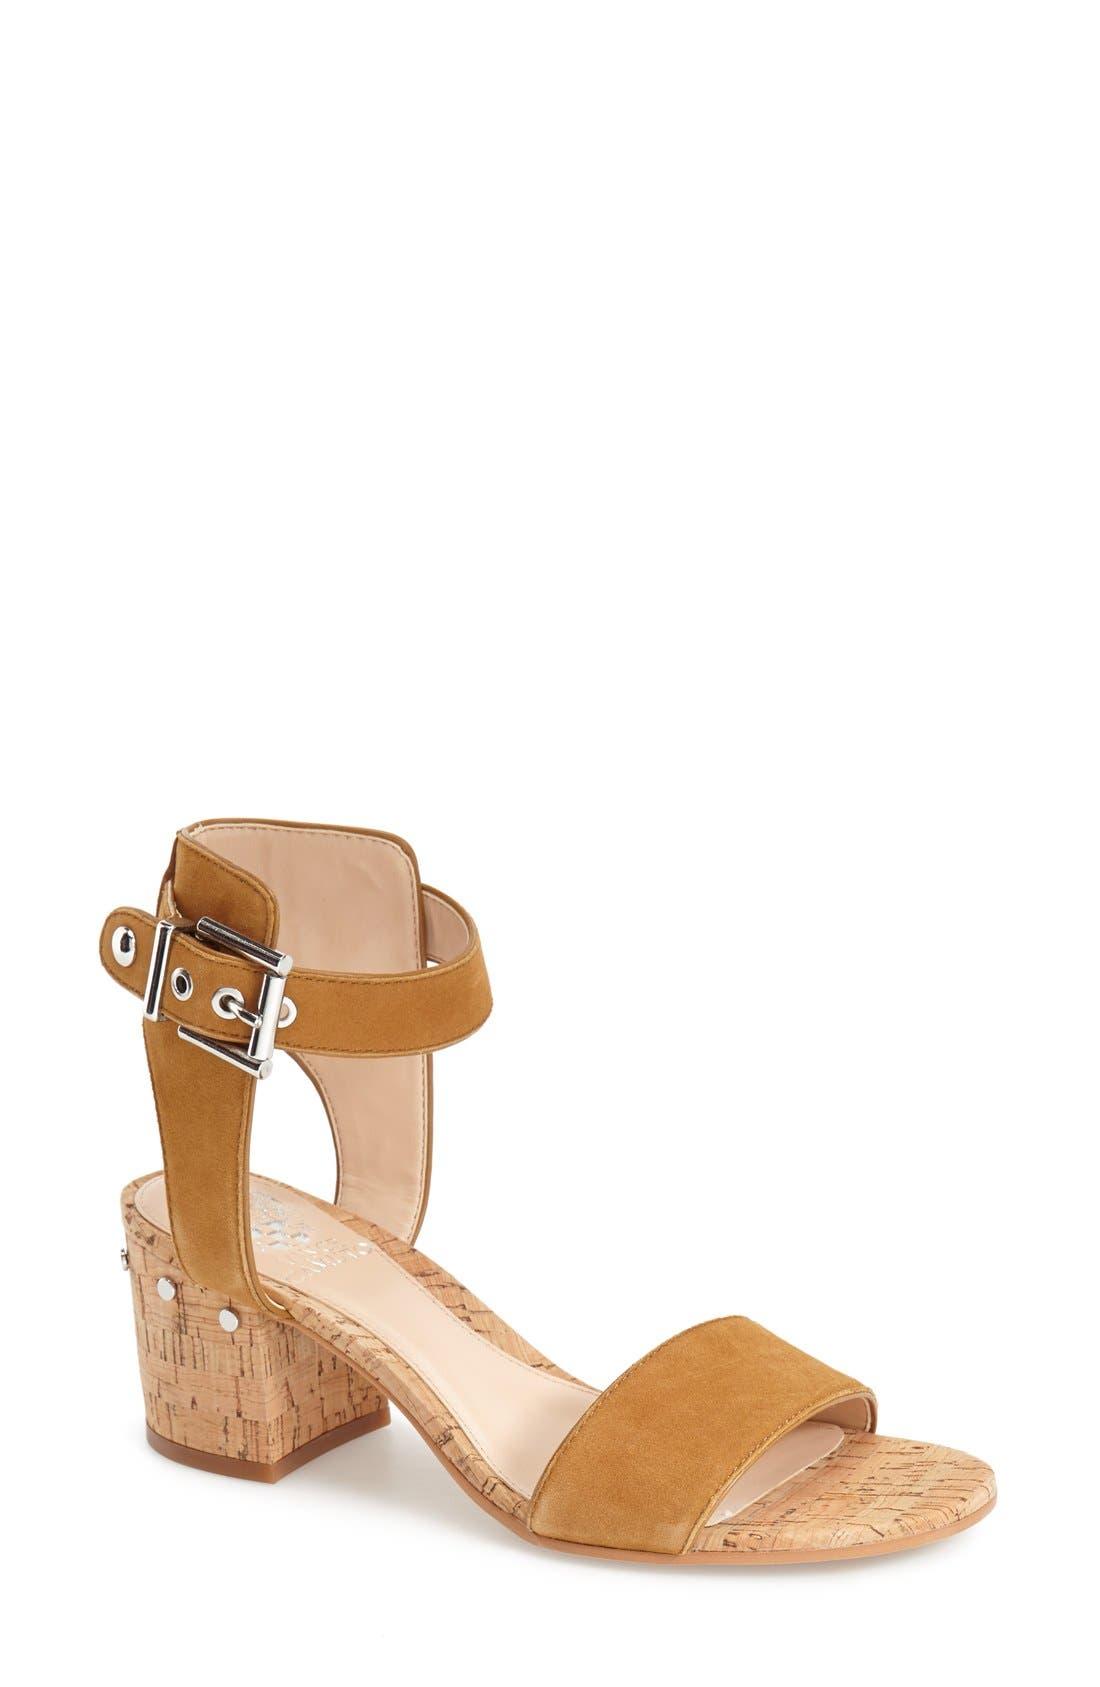 Main Image - Vince Camuto 'Baeden' Sandal (Women)